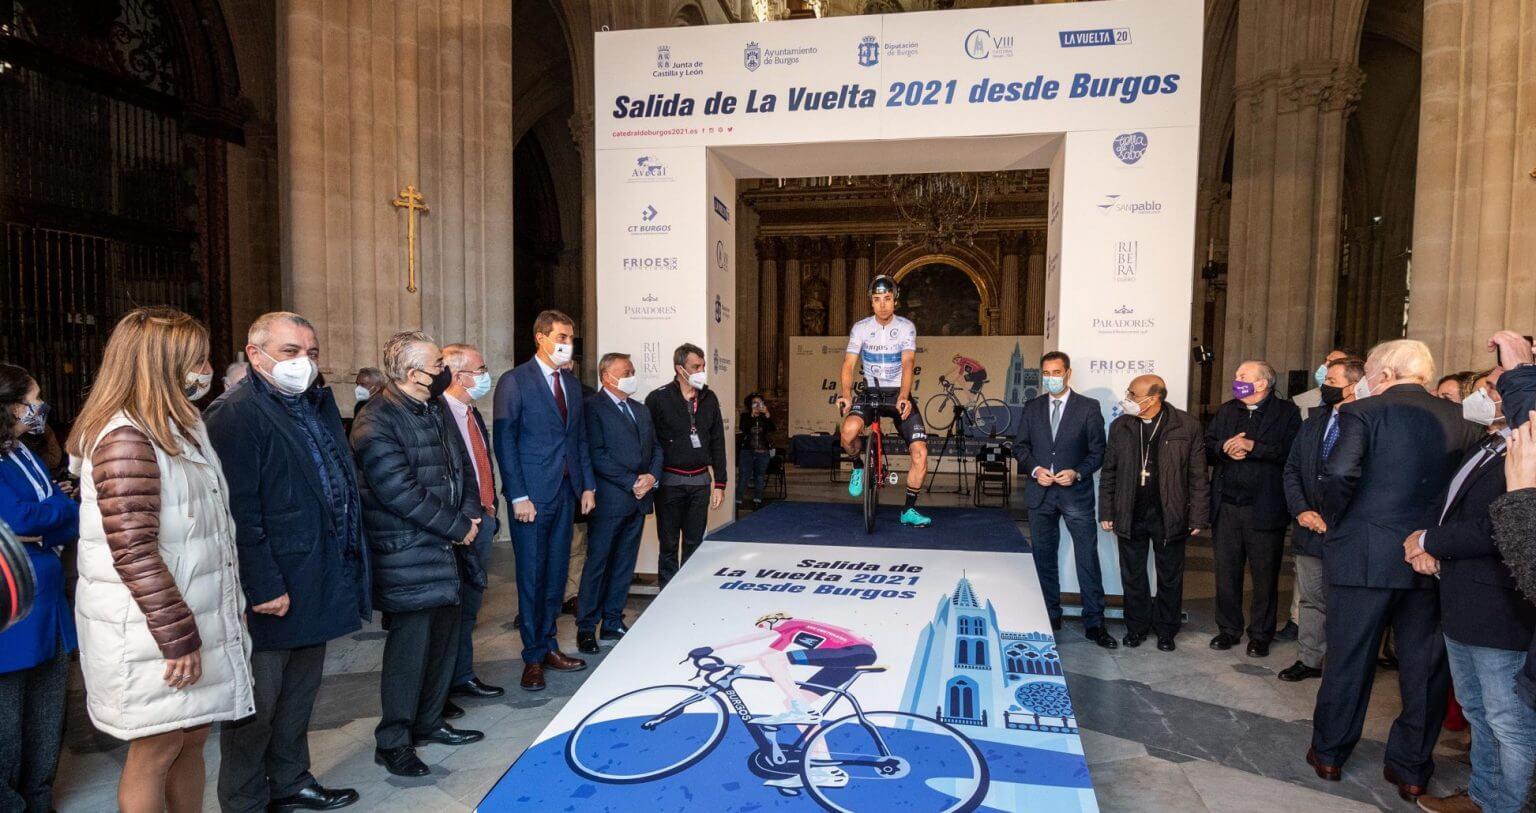 Vuelta a España 2021 wystartuje z katedry w Burgos